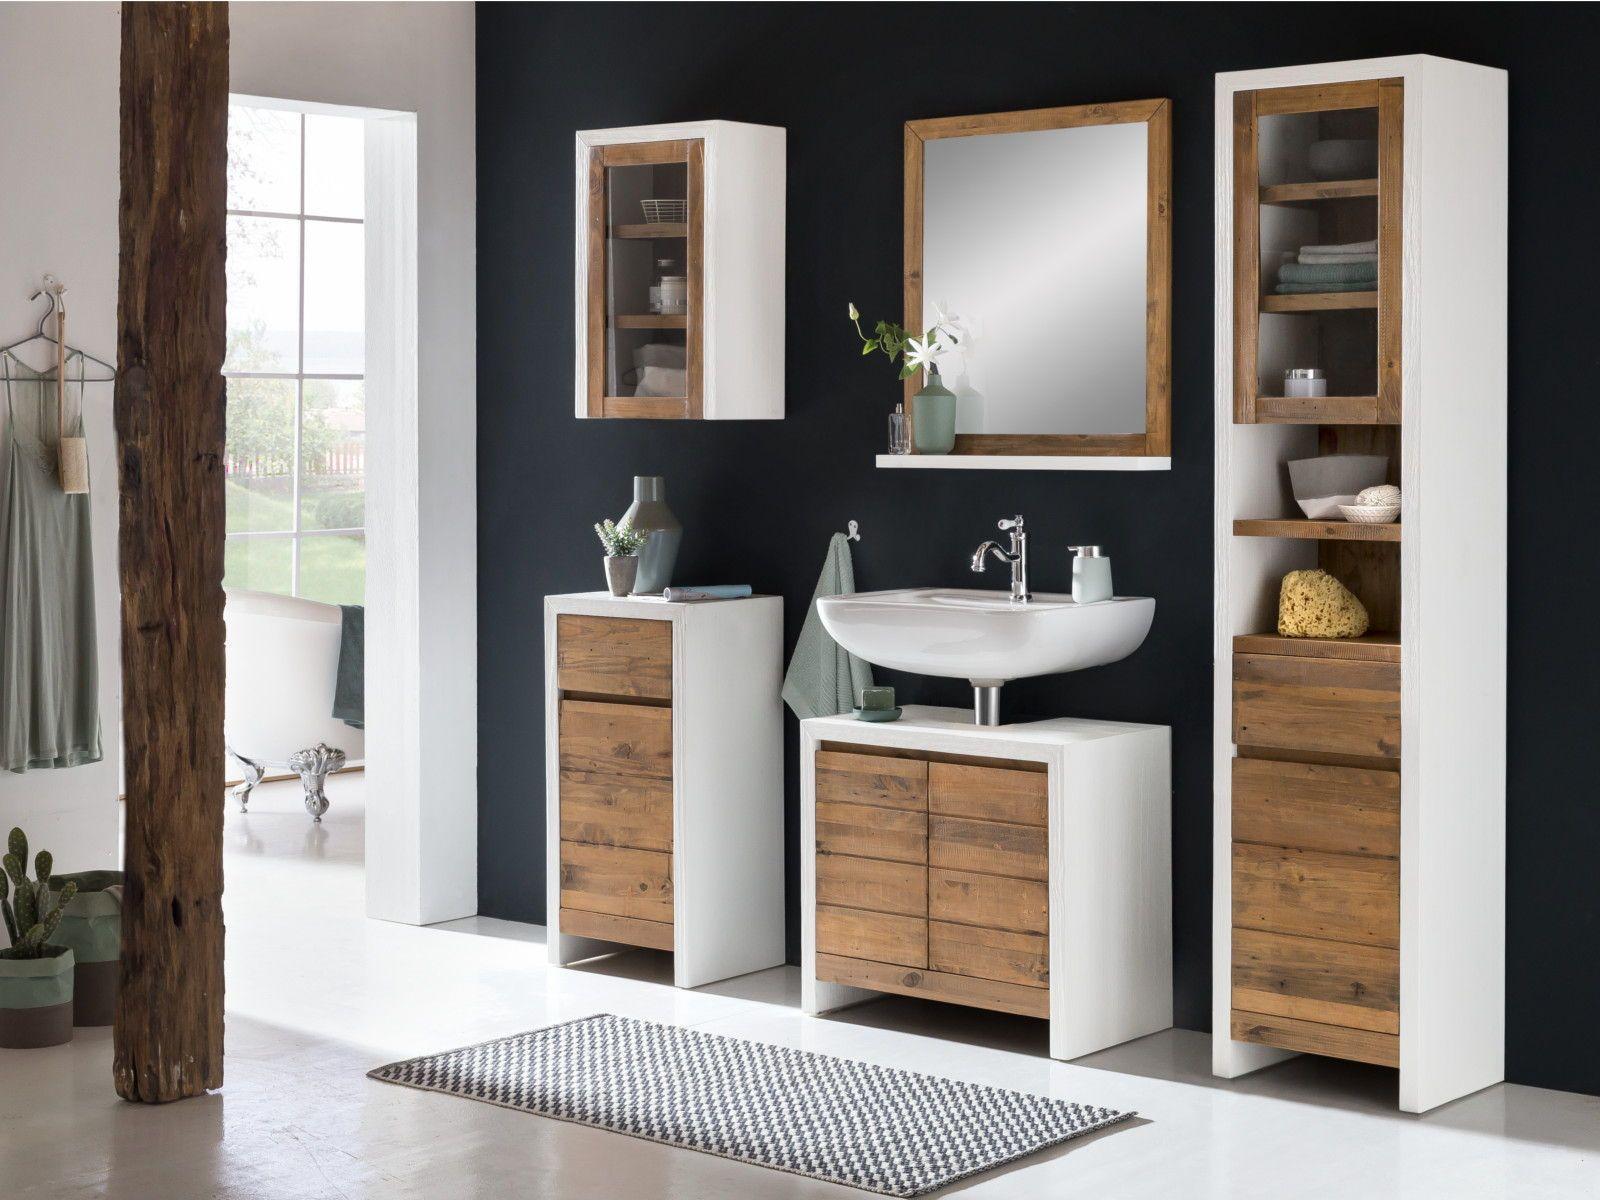 Badezimmermöbel Weiß Holz